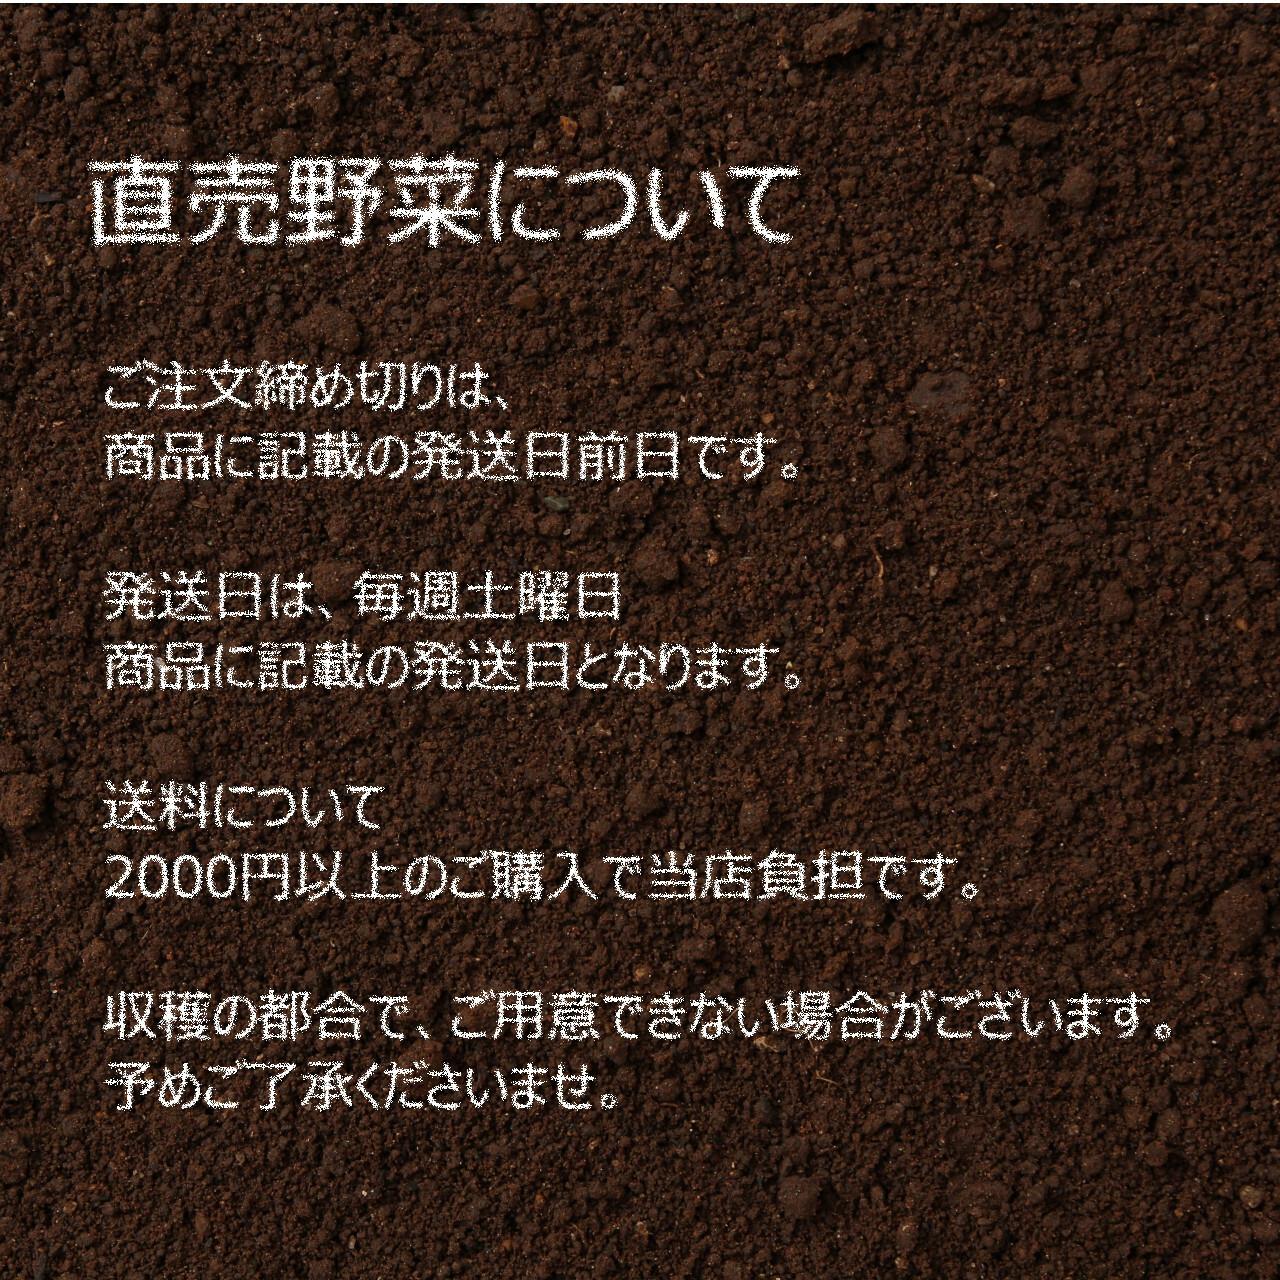 春の新鮮野菜 大根菜 約300g 5月の朝採り直売野菜 5月9日発送予定